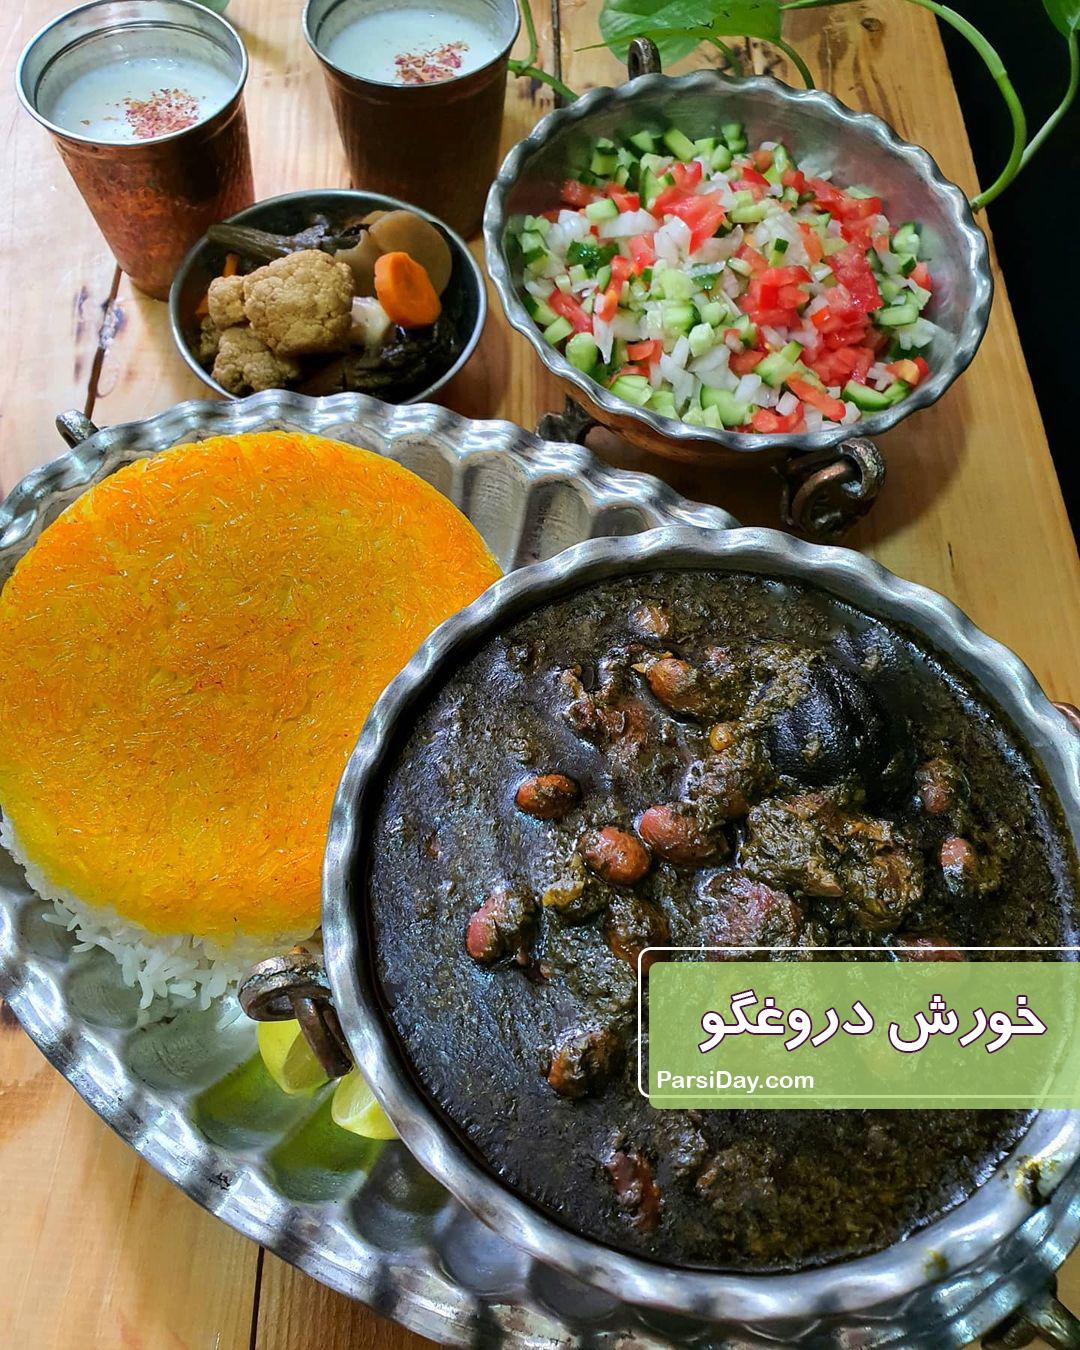 طرز تهیه خورشت دروغگو خوشمزه و سنتی به روش گیلانی